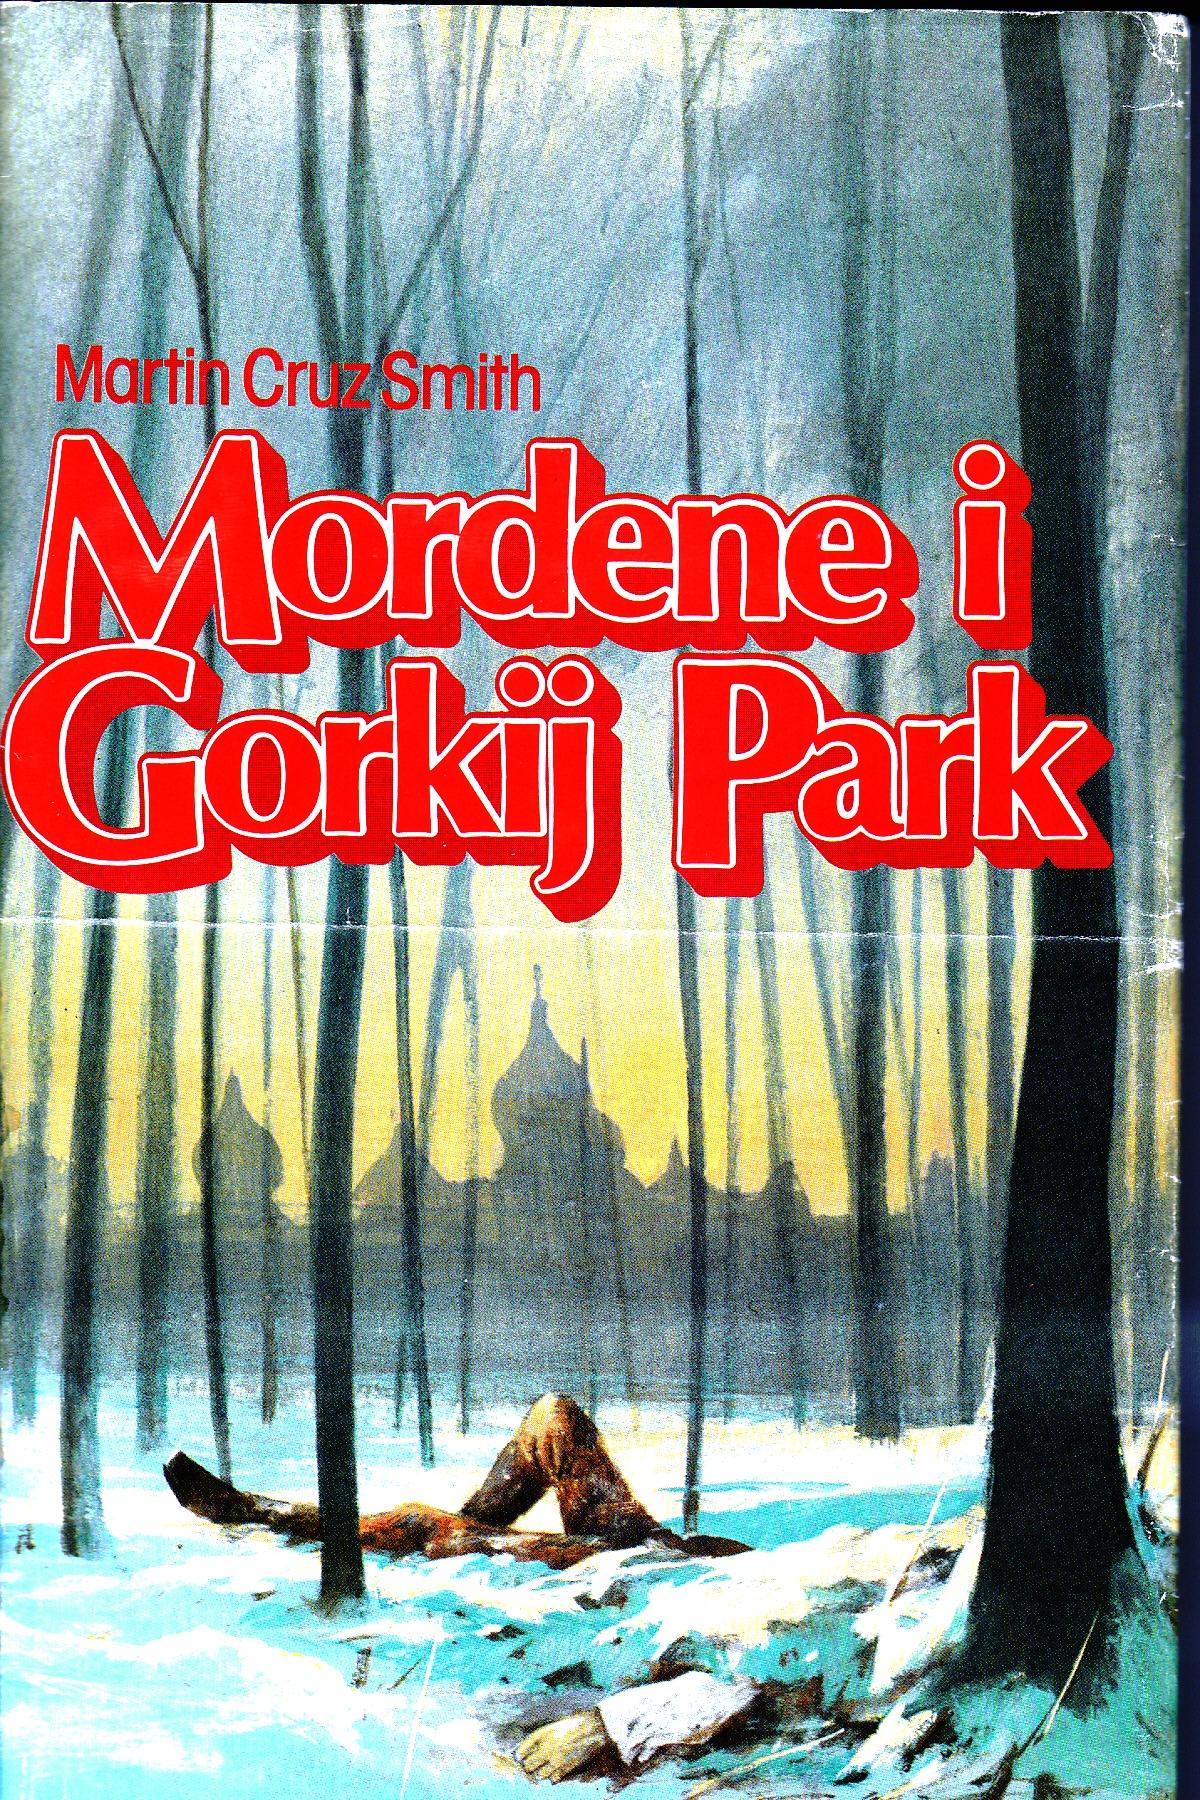 Mordene i Gorkij Park